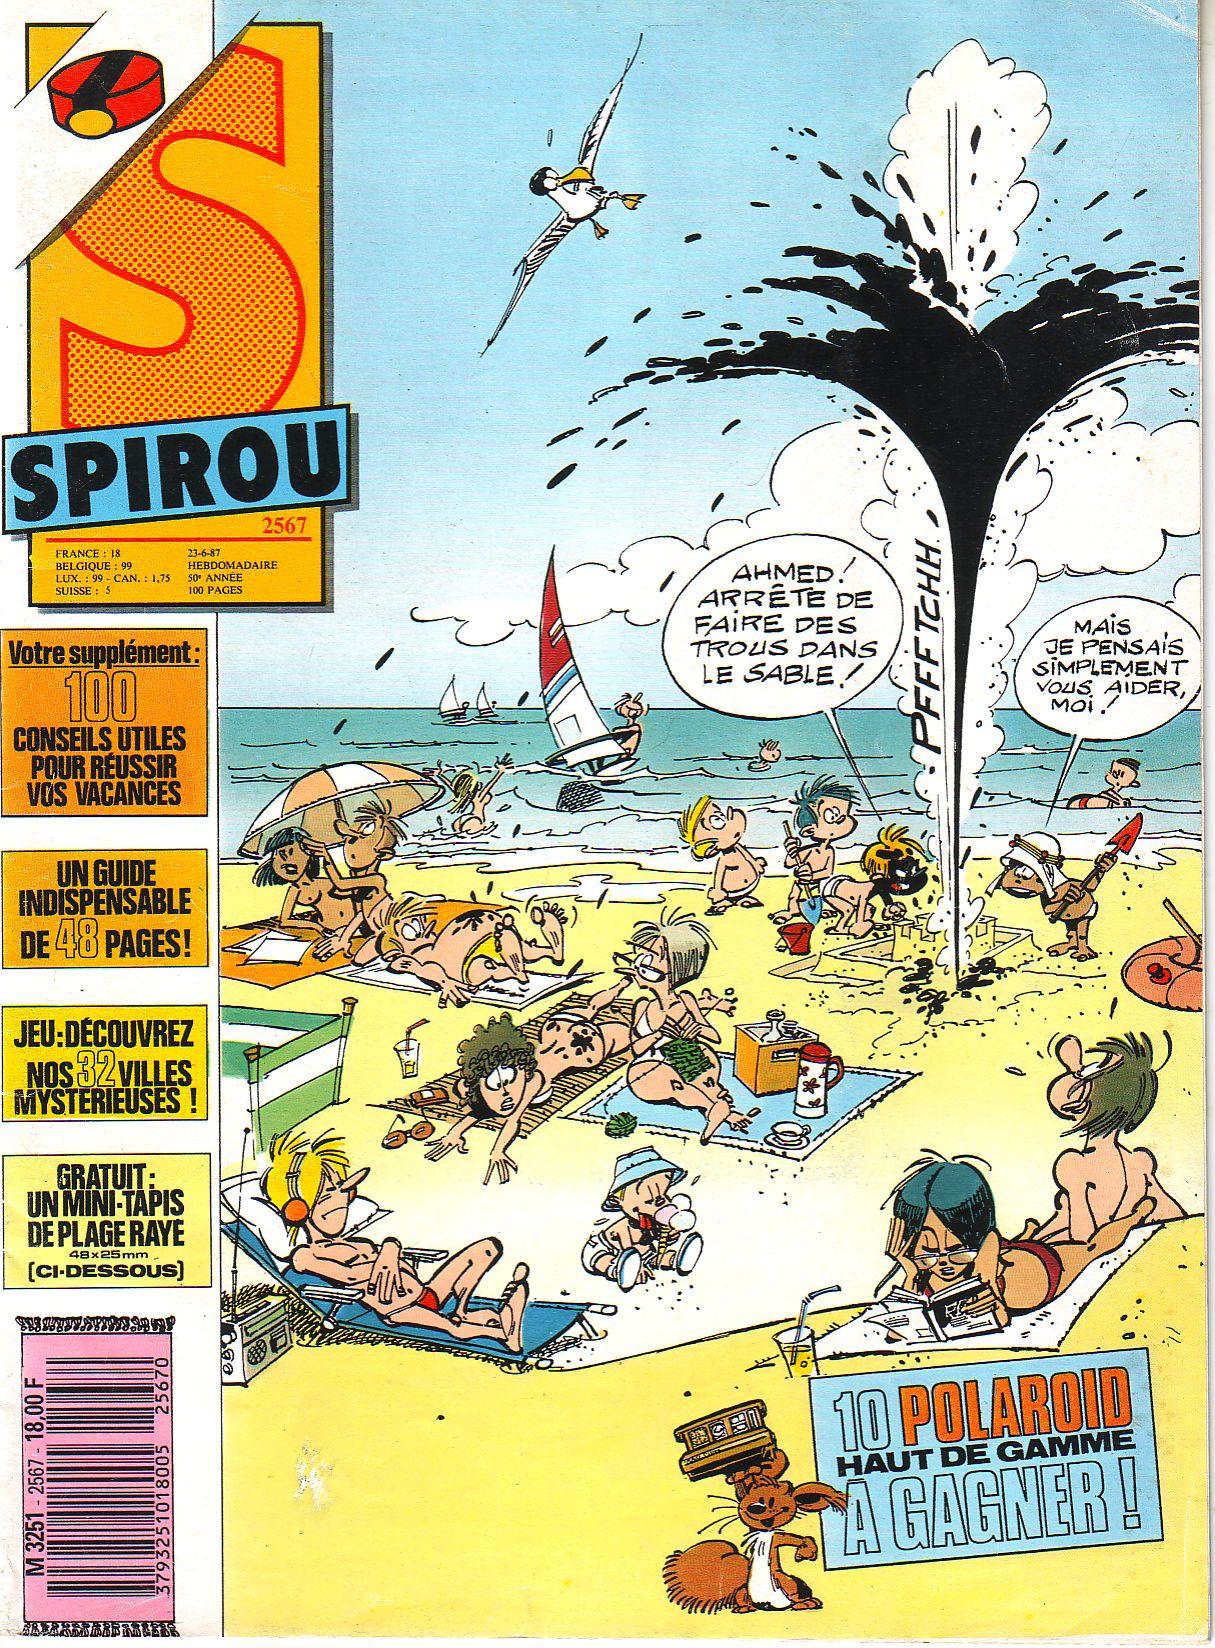 Le journal de Spirou 2567